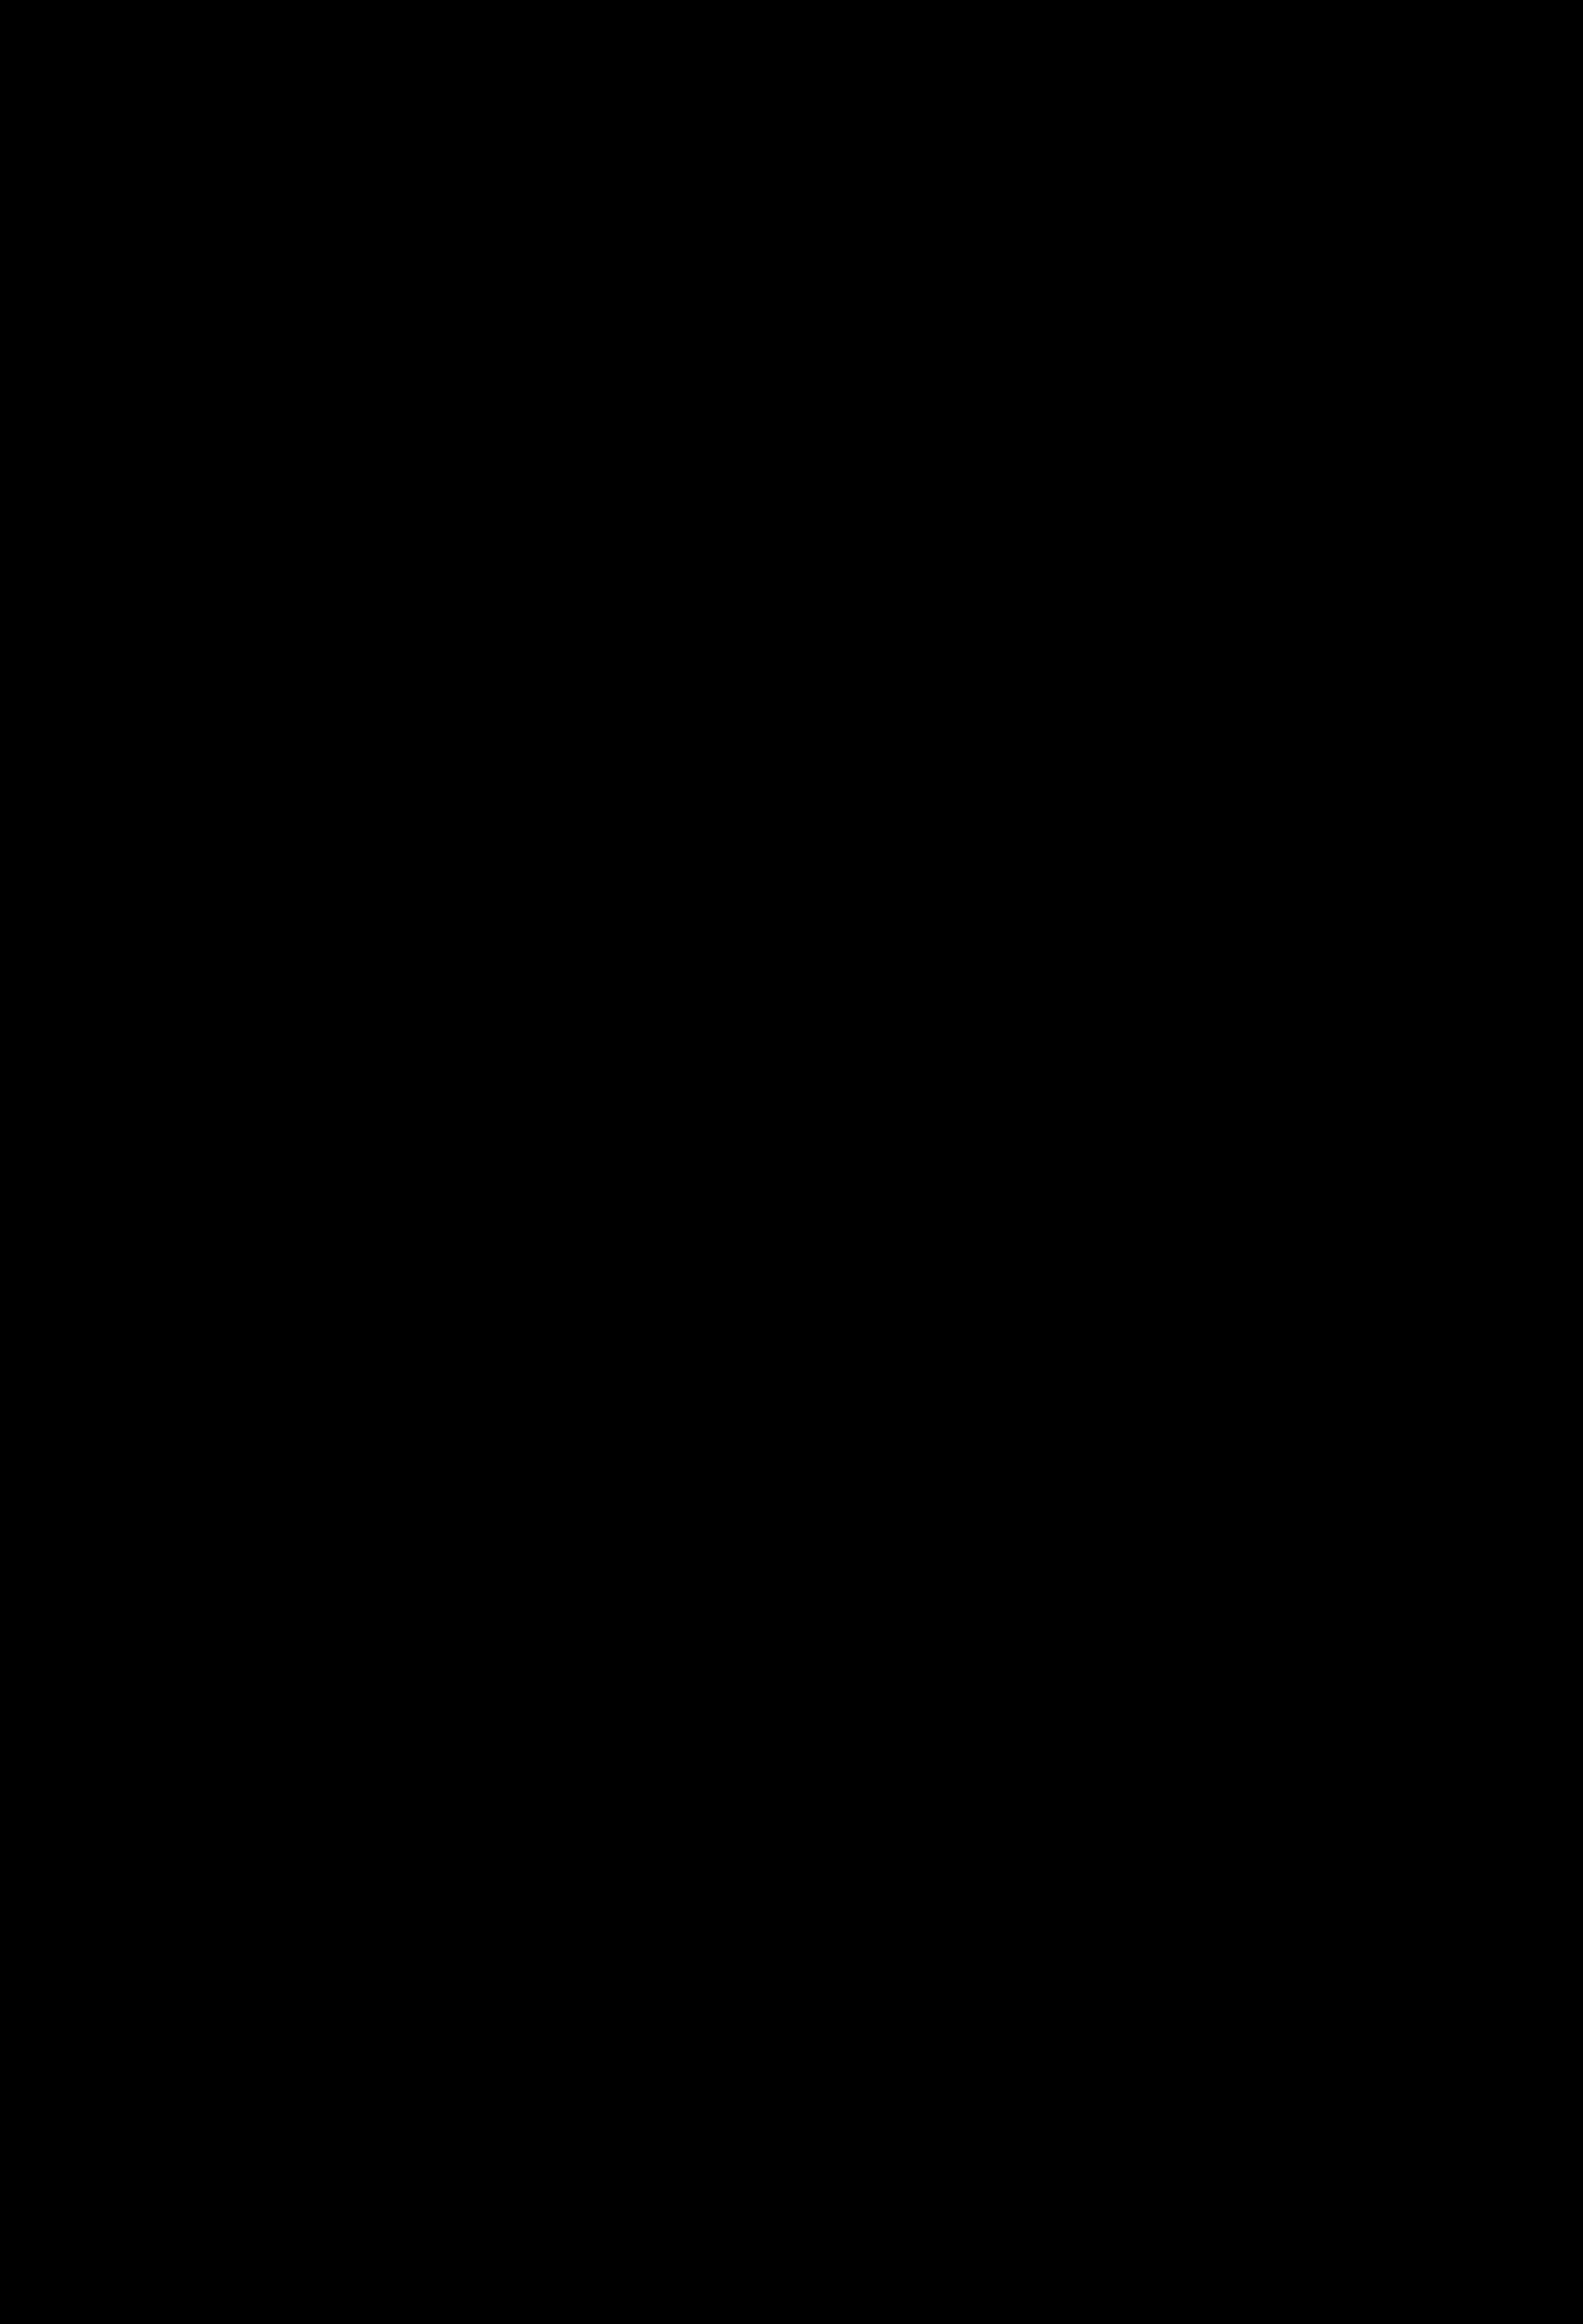 LES COLLECTIONS DES ARTS DU SPECTACLE ET LEUR TRAITEMENT. PERFORMING ARTS COLLECTIONS AND THEIR TREA